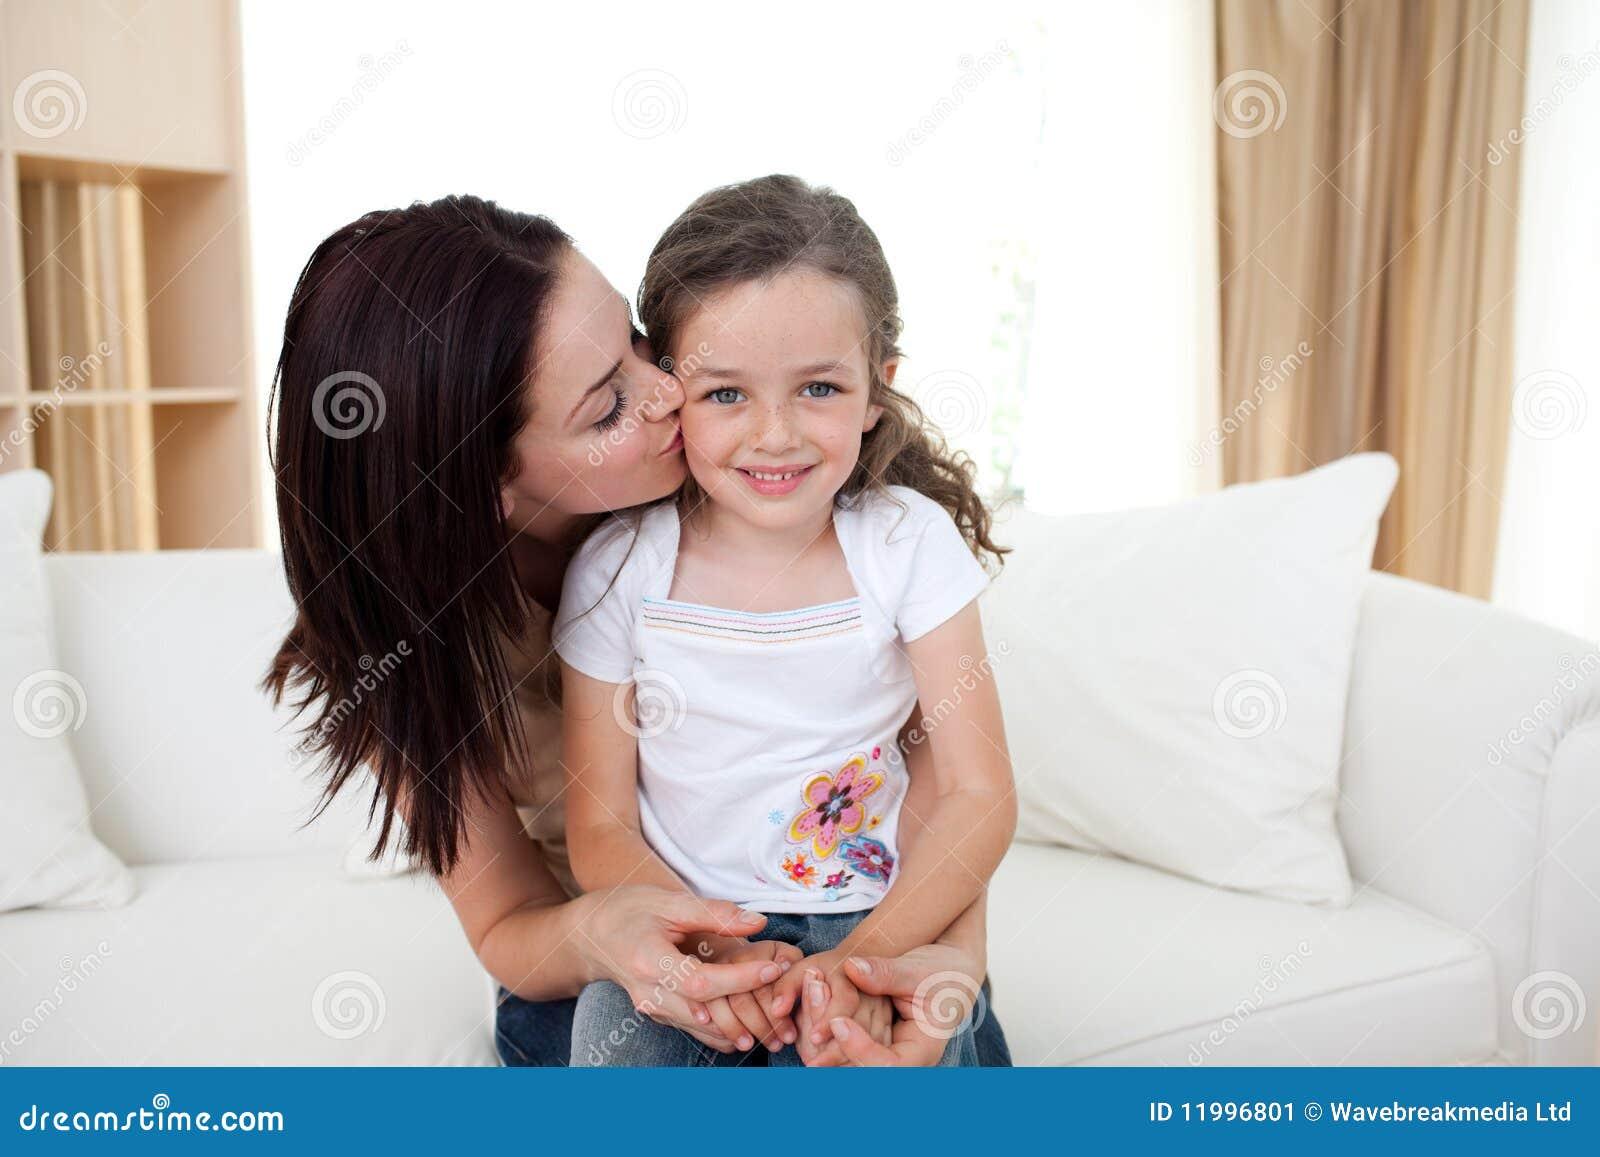 Трахнул свою дочь и мать, Секс с дочерью » Порно мамочки онлайн Full HD 28 фотография